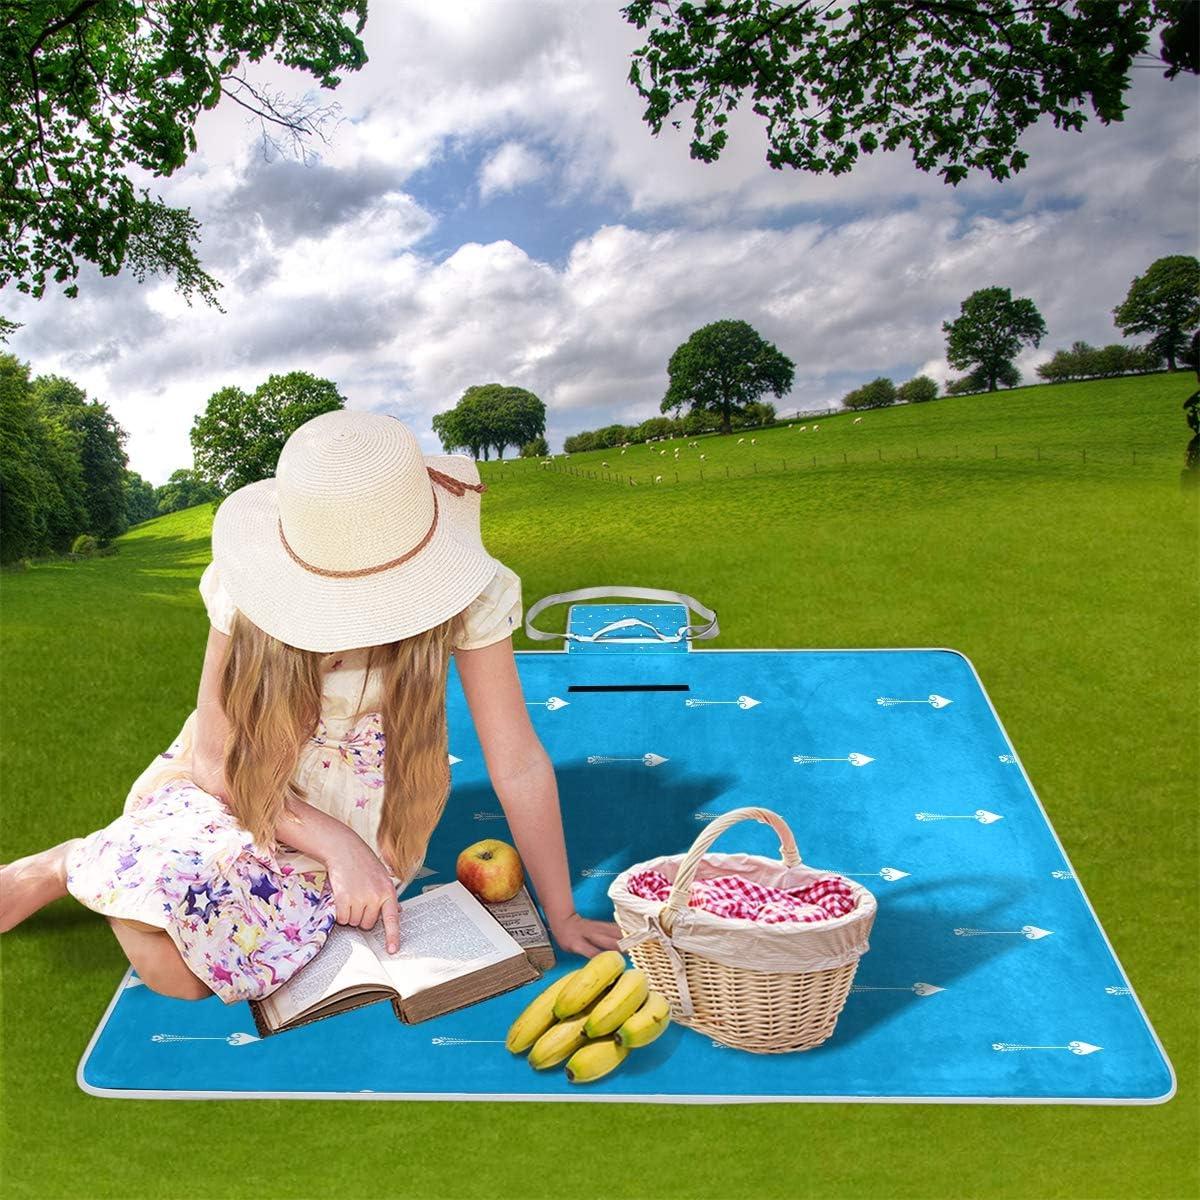 XINGAKA Coperta da Picnic Tappetino Campeggio,Vento d'Annata Bello Modello Senza Cuciture d'avanguardia,Giardino Spiaggia Impermeabile Anti Sabbia 11